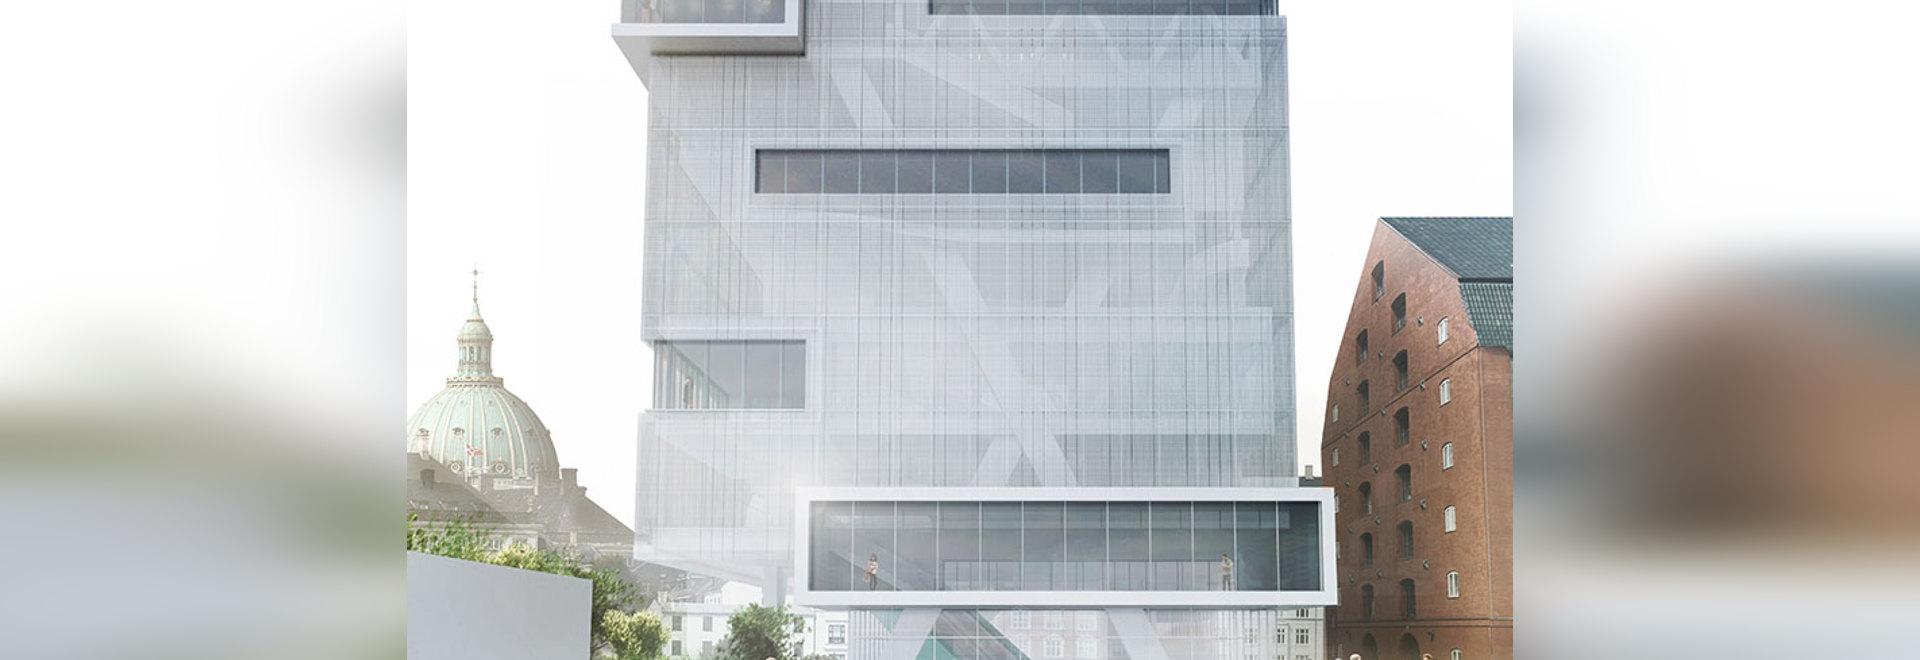 el mayer de Daniel diseña la biblioteca 2.0 en el centro de Copenhague, Dinamarca